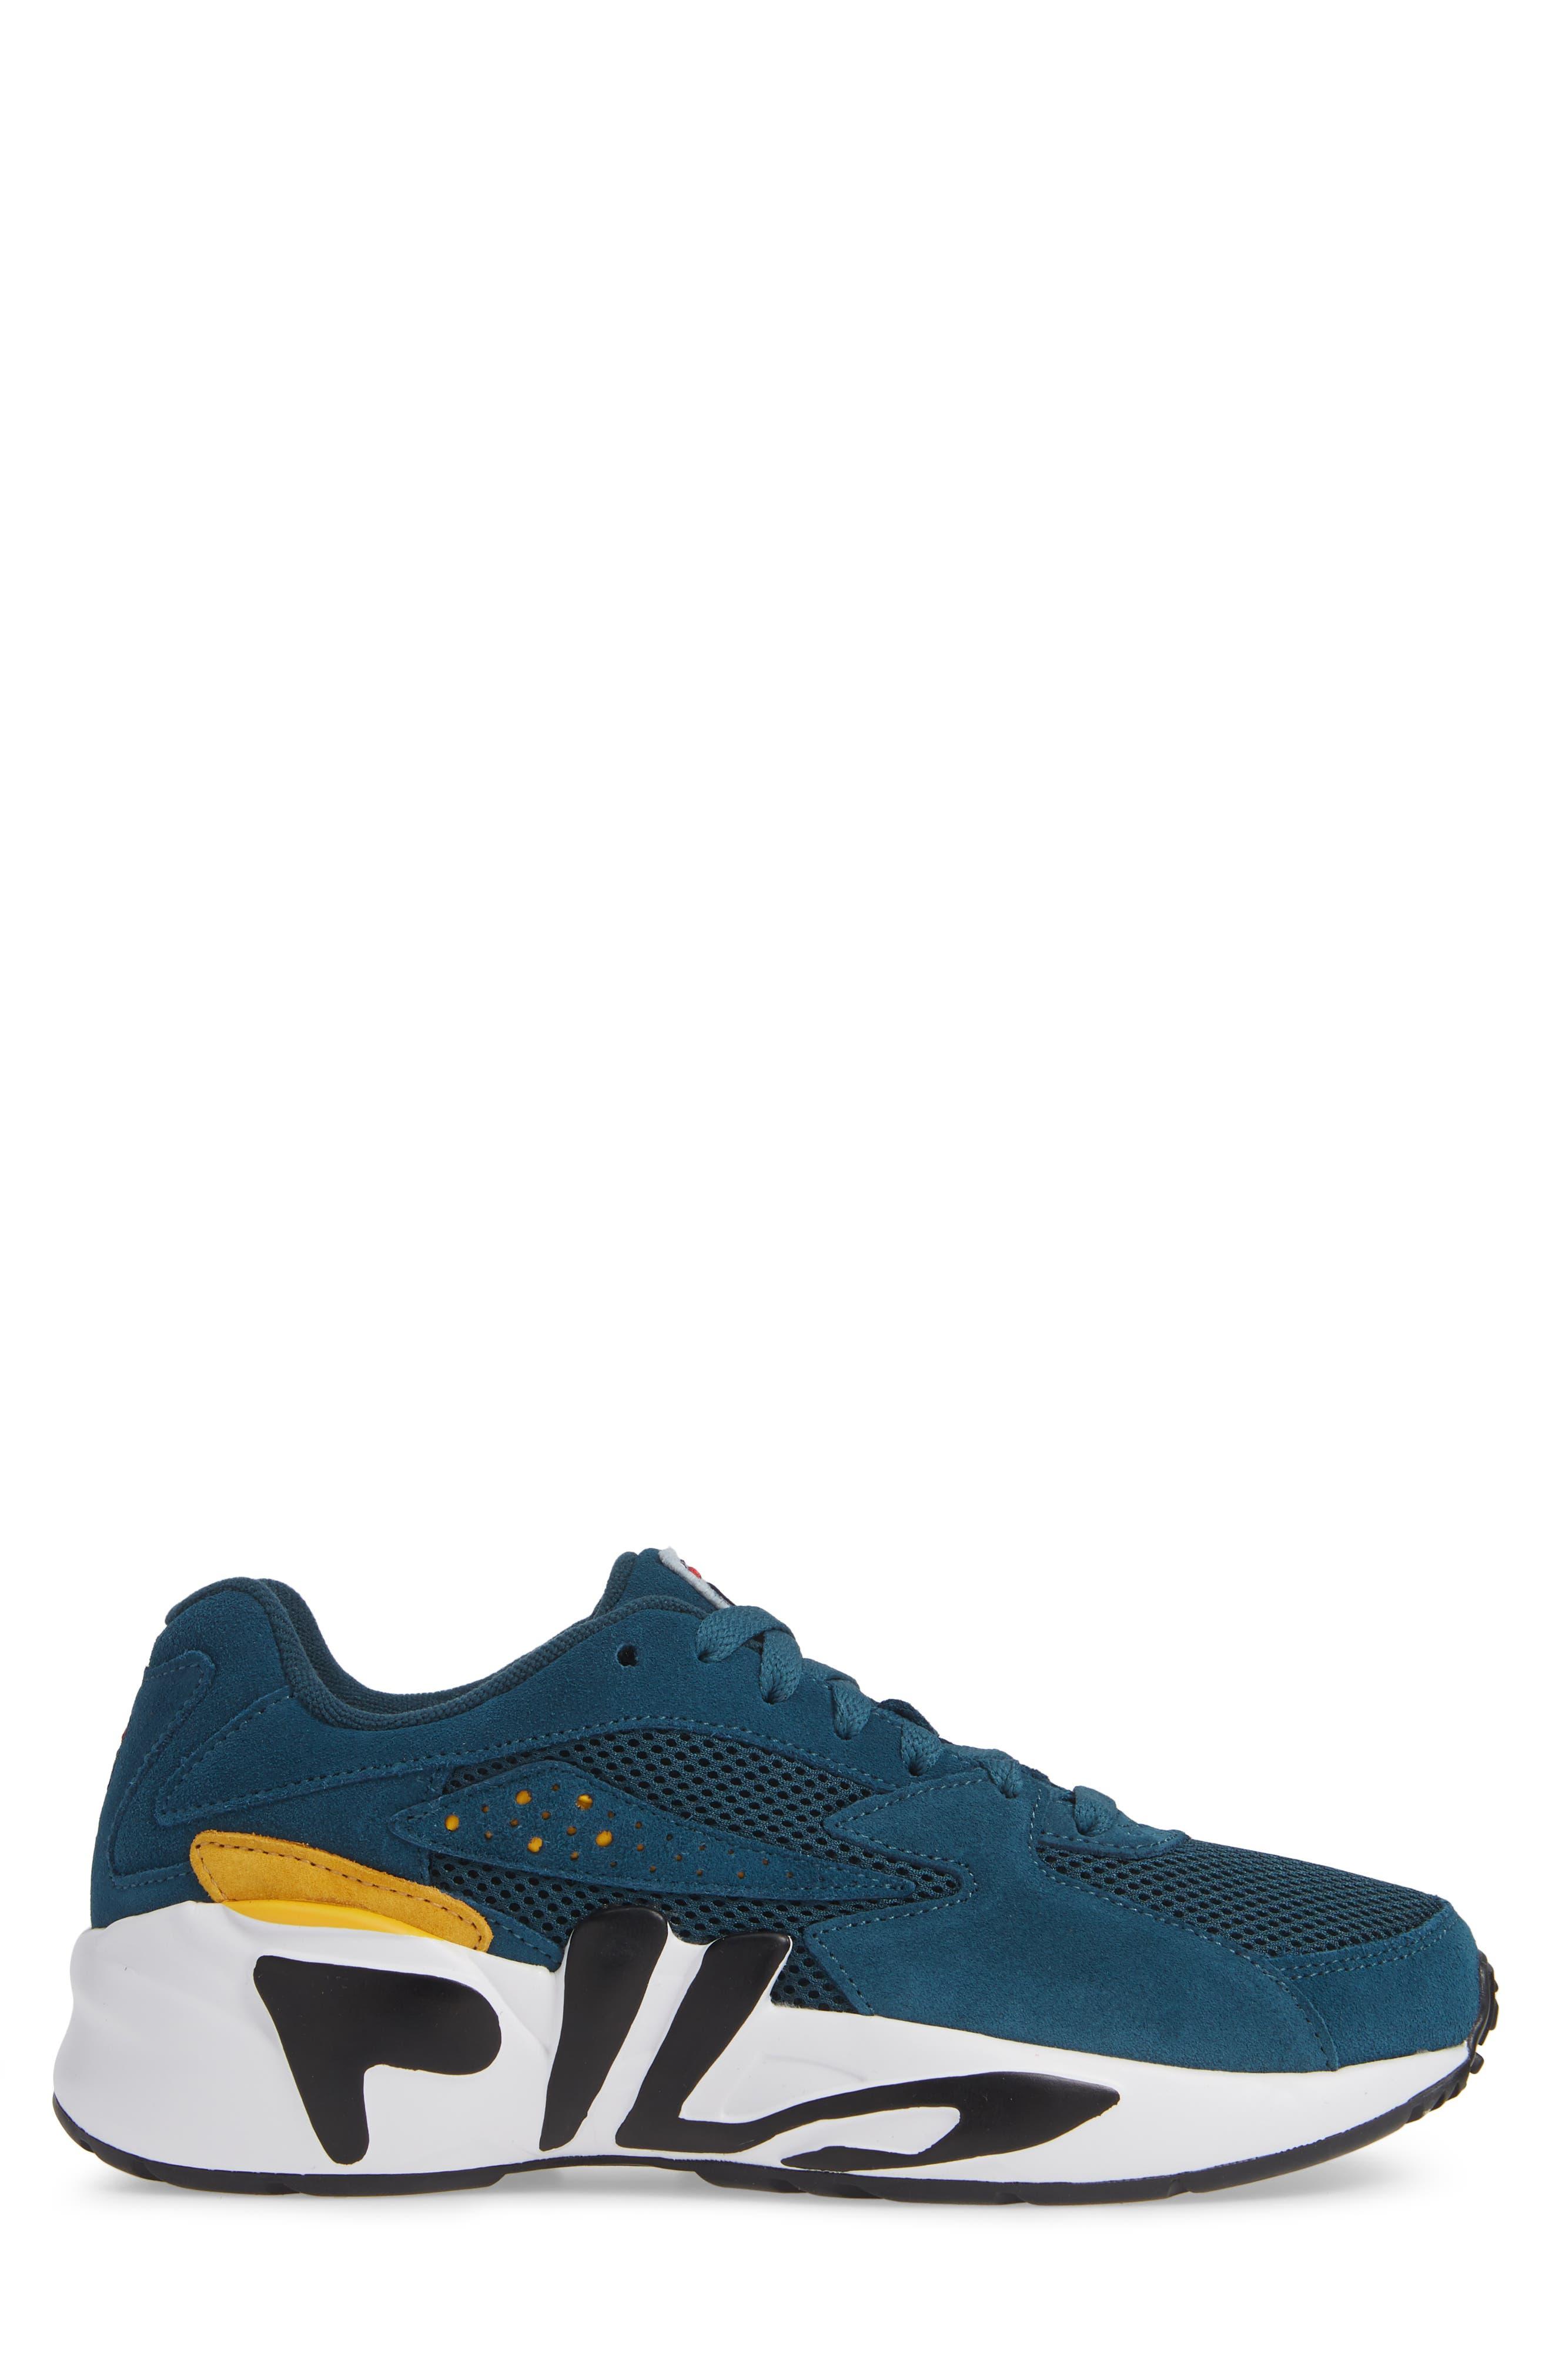 Mindblower Sneaker,                             Alternate thumbnail 3, color,                             WHITE/ BLACK